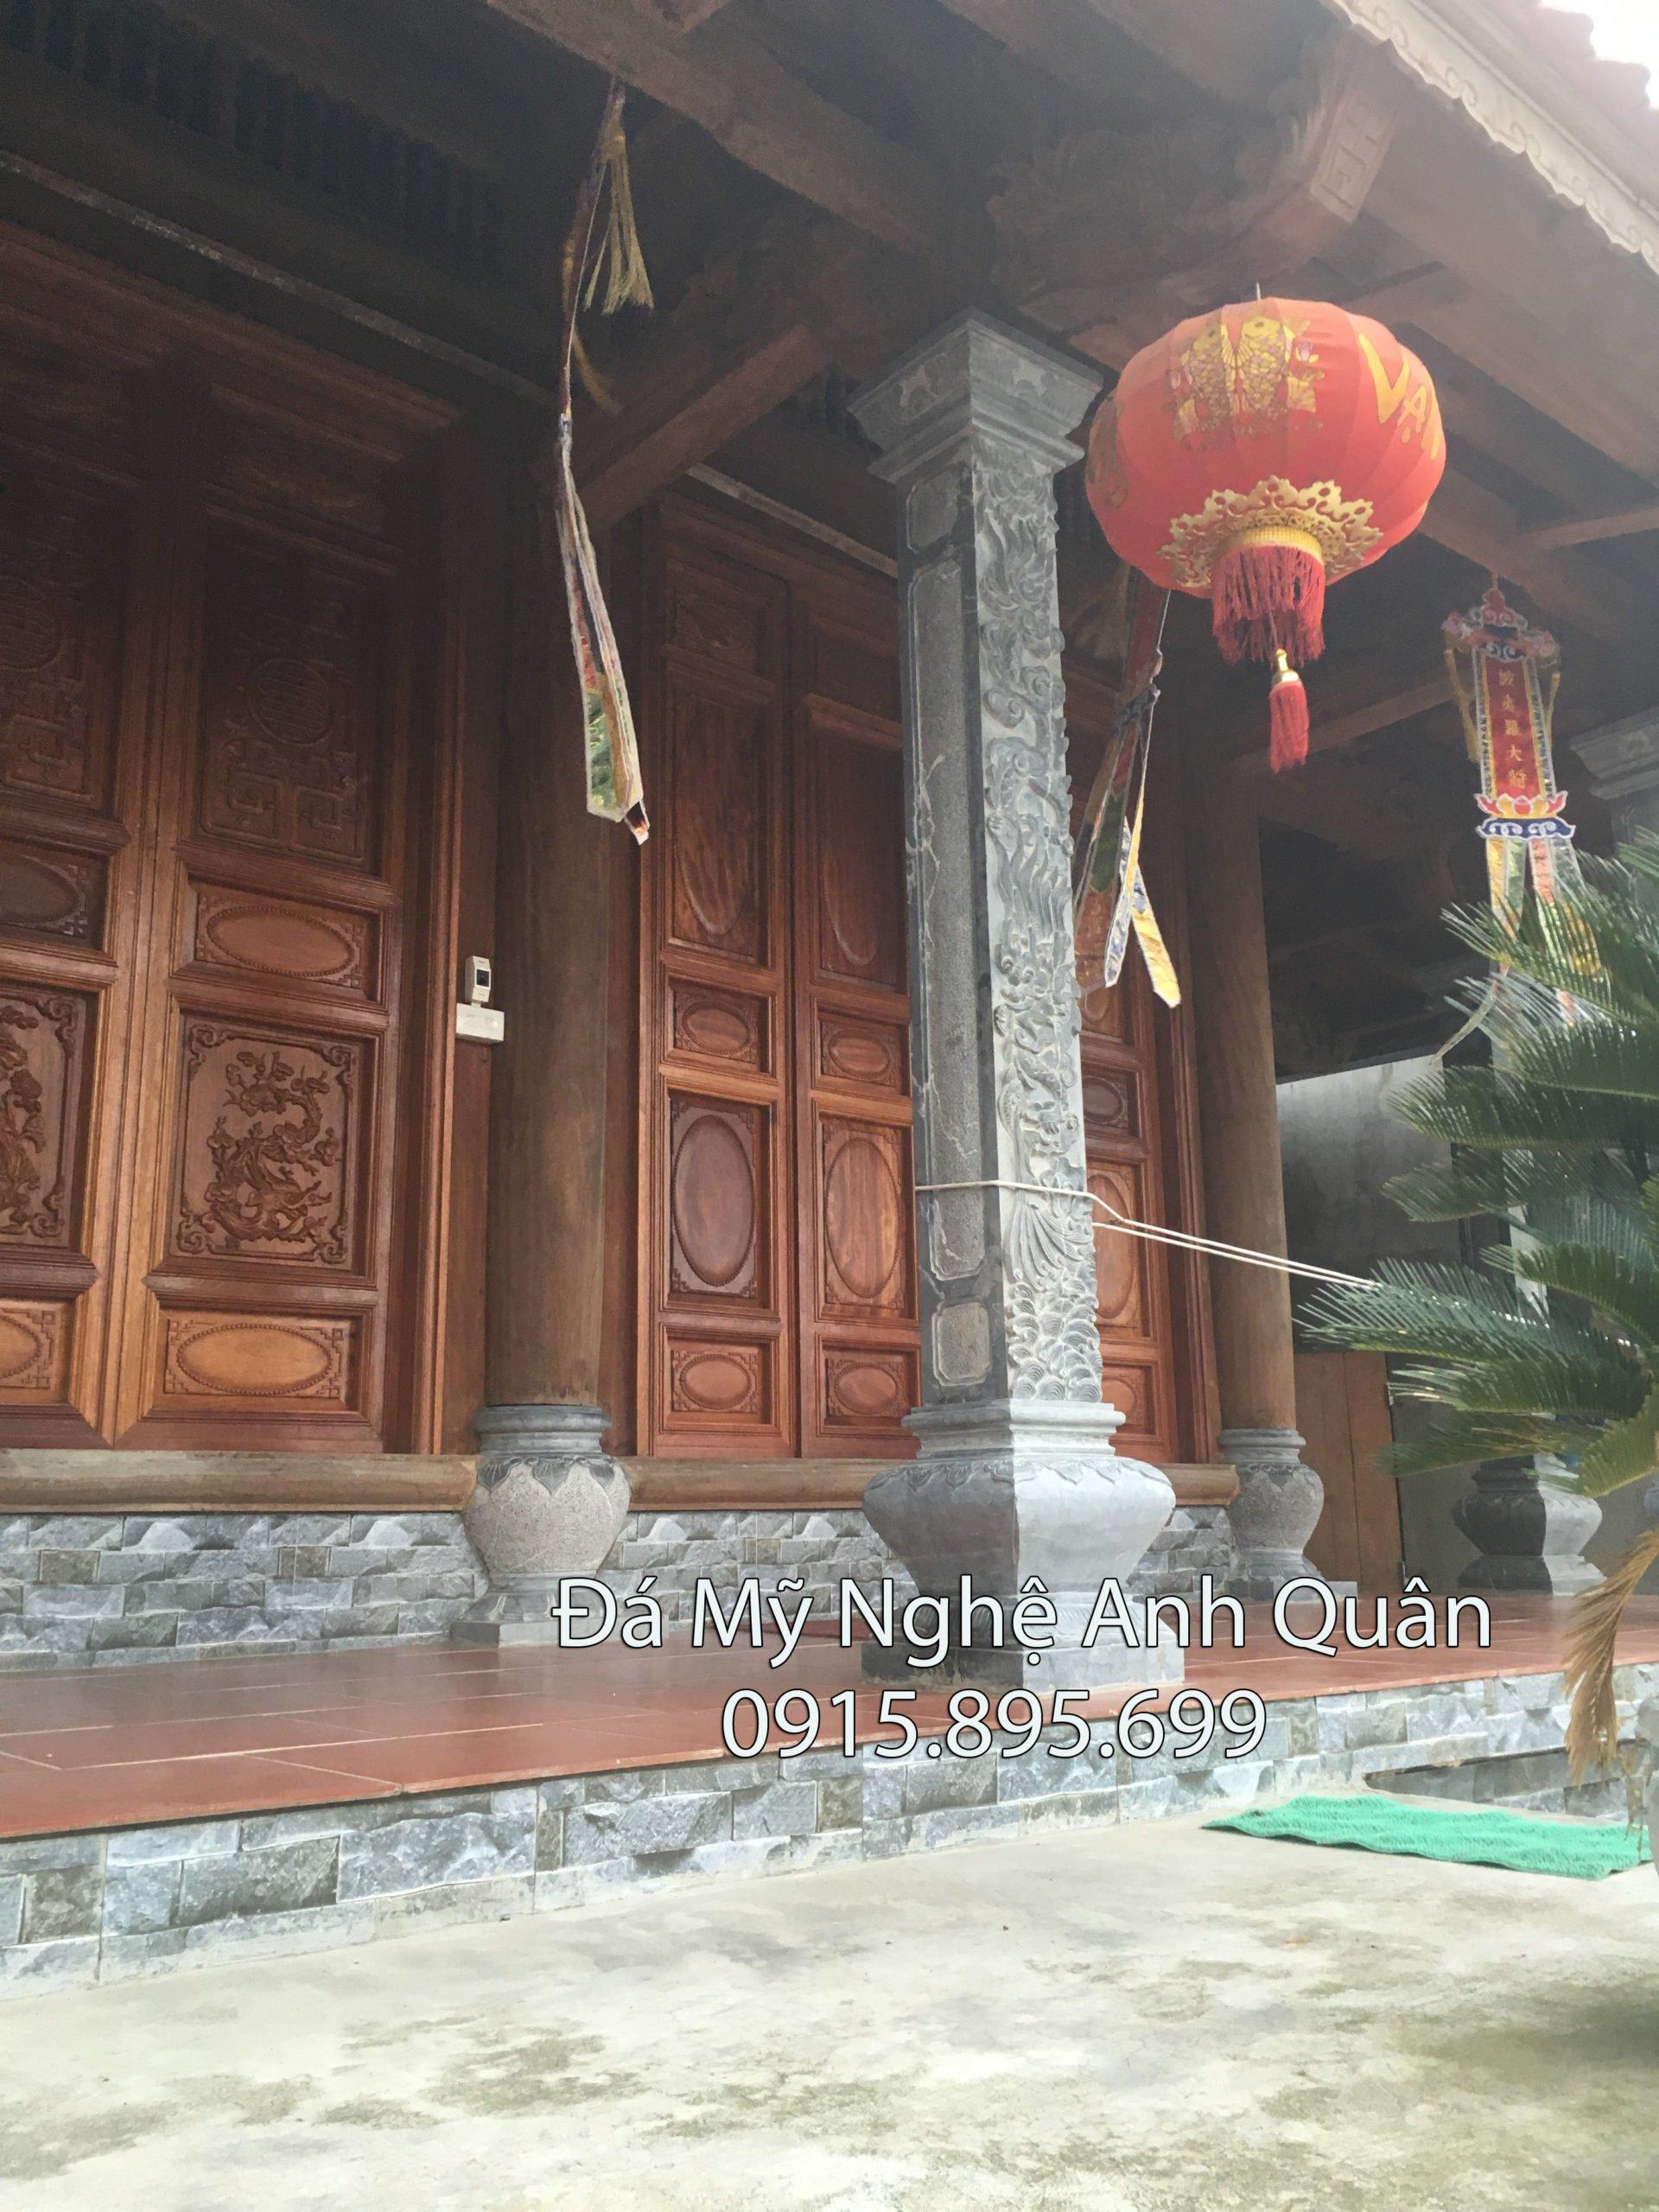 Lam cot bang da, cột trụ đá, mẫu cột trụ đá đẹp làm nhà thờ gỗ